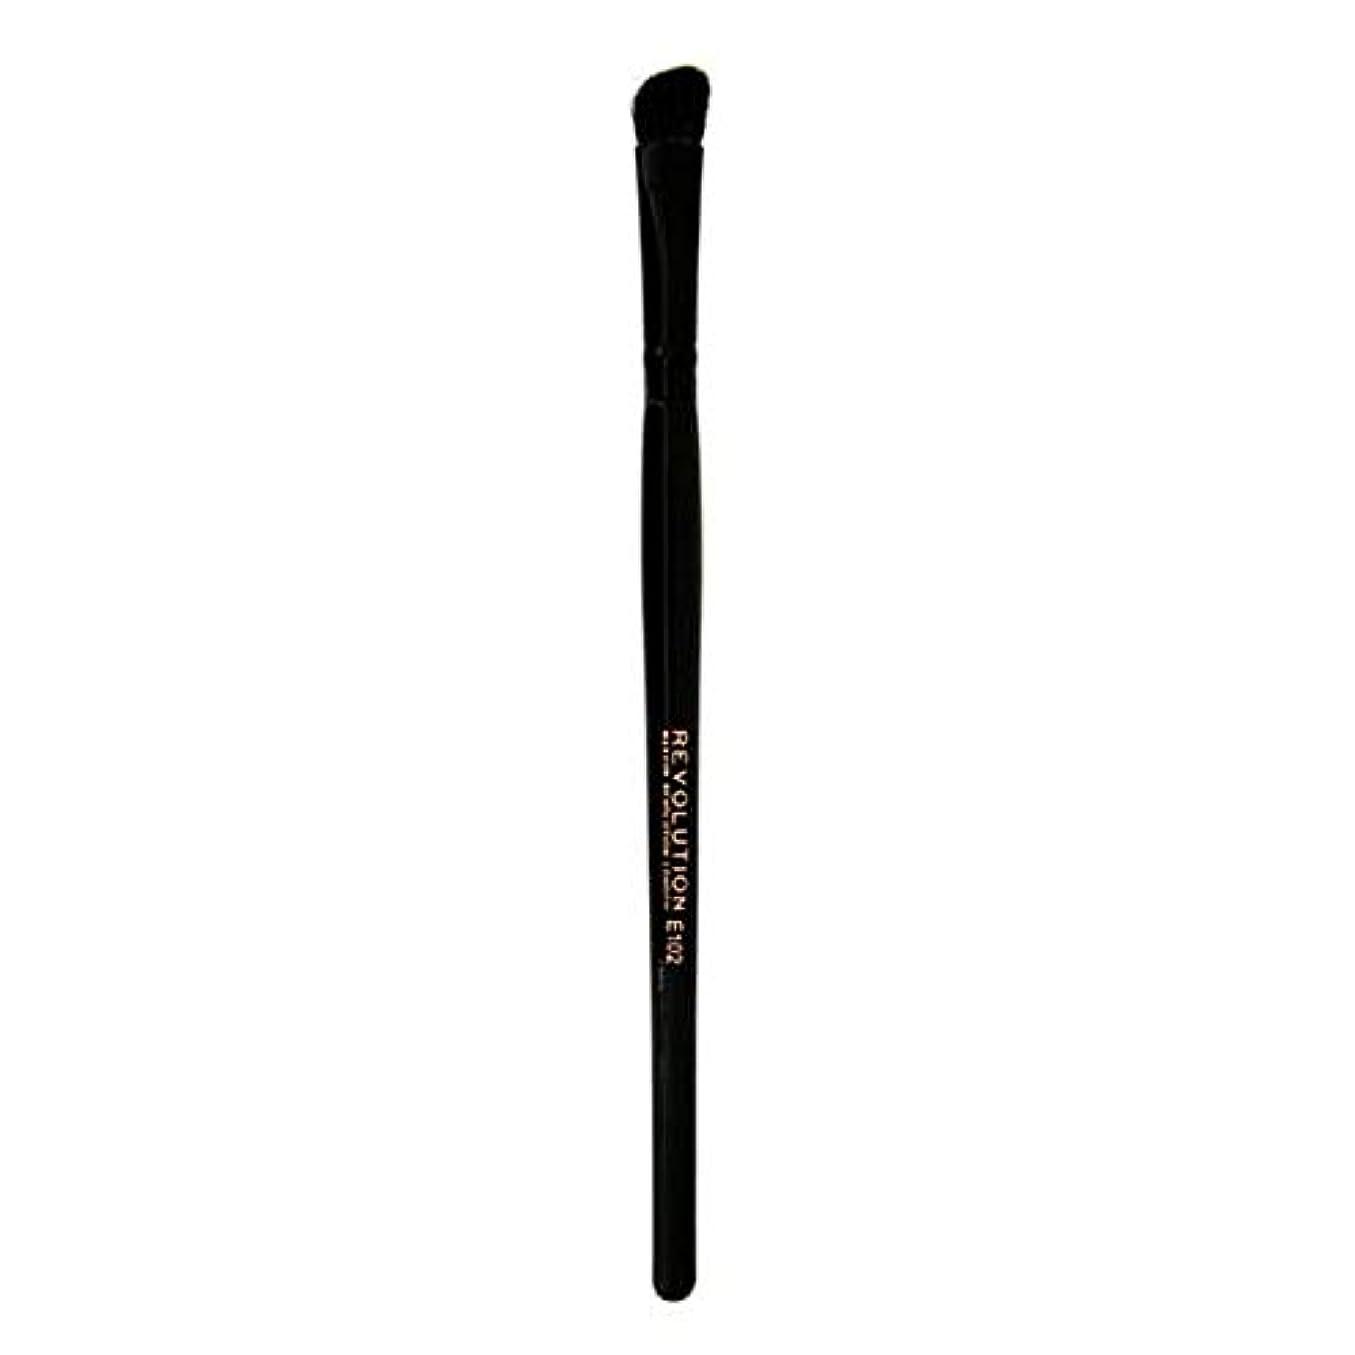 クロス逆説注入する[Revolution ] 革命プロE102アイシャドウの輪郭メイクブラシ - Revolution Pro E102 Eyeshadow Contour Makeup Brush [並行輸入品]